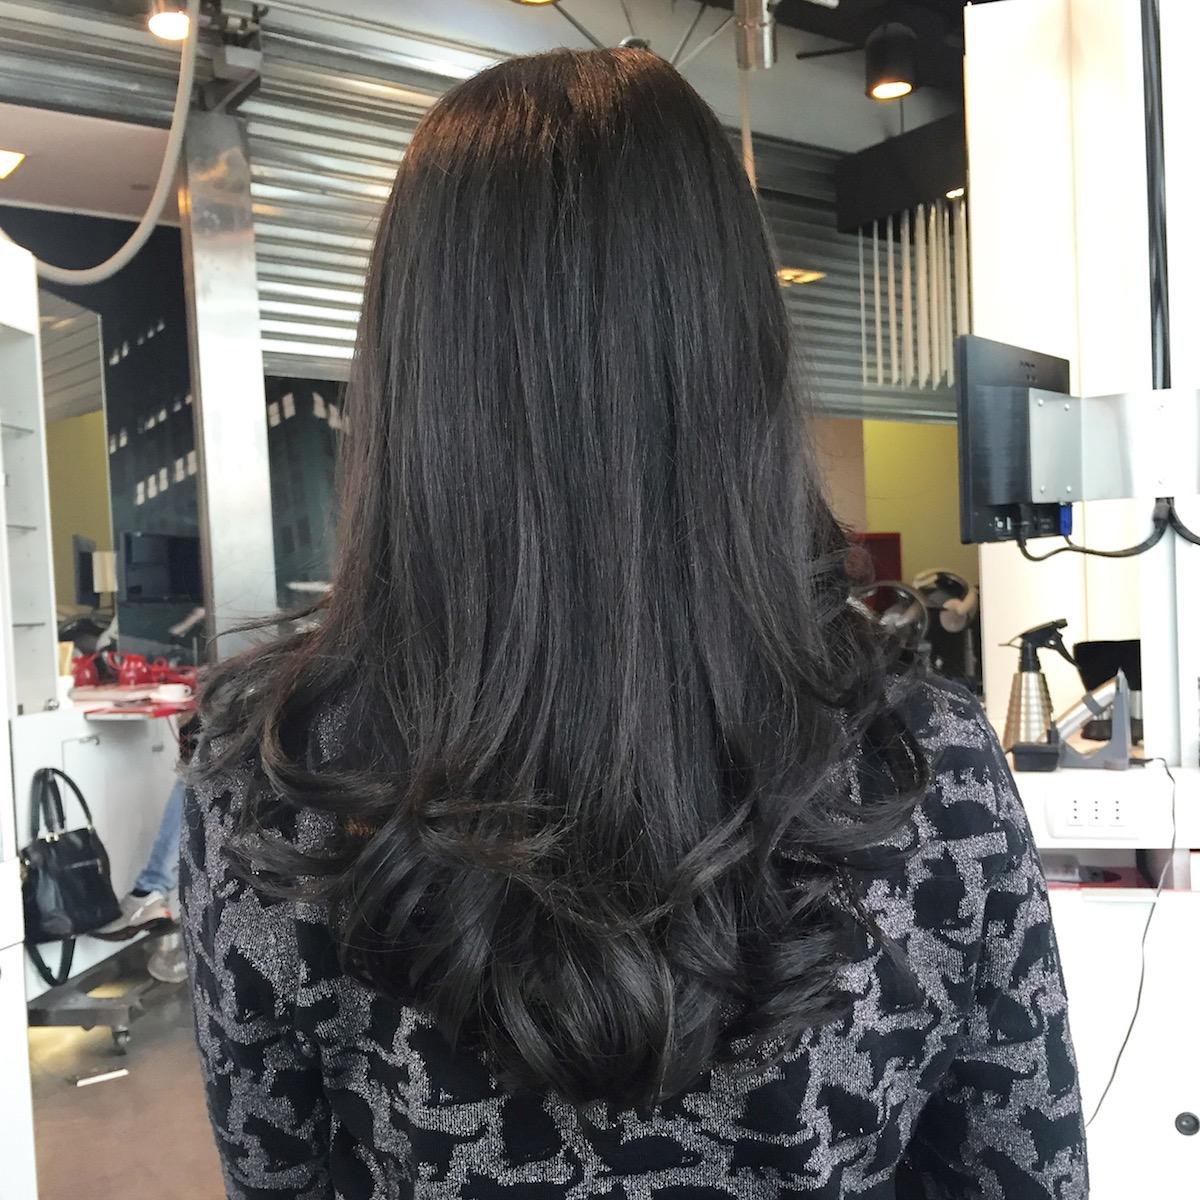 corte-cabelos-escova-modelada-beta-pinheiro-santiago-chile-hotel-w